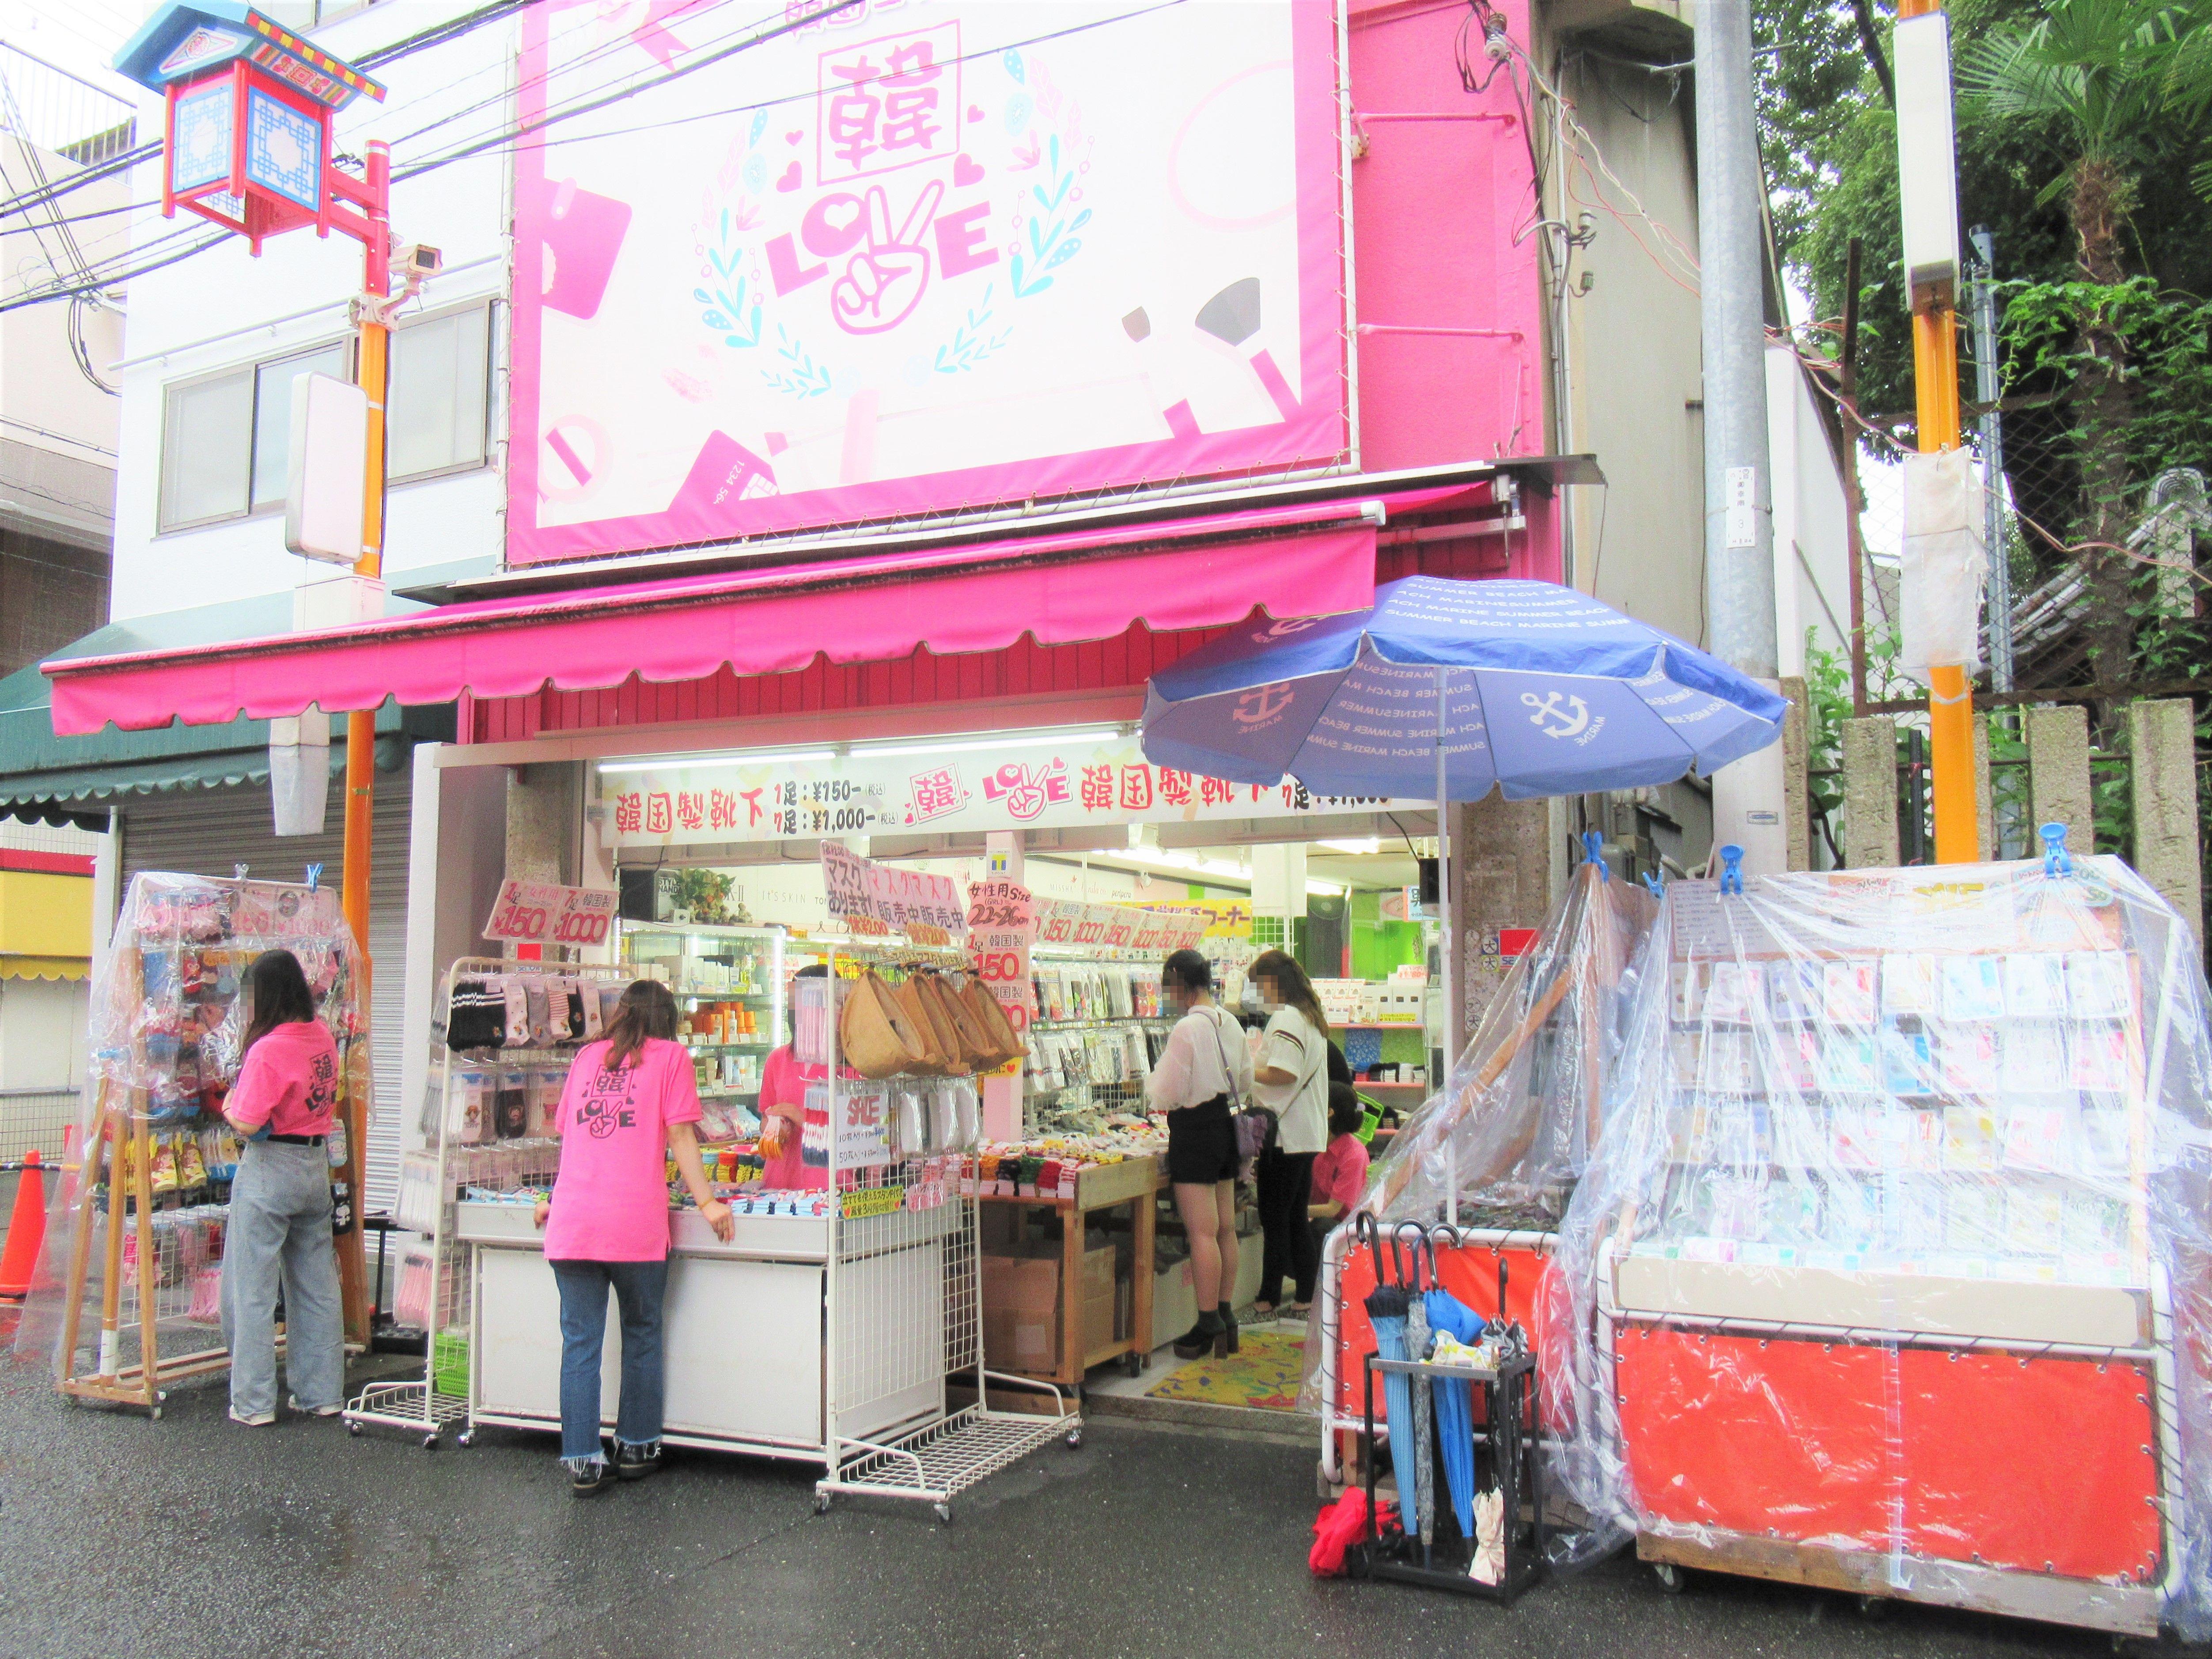 生野コリアタウン「韓LOVE」でイニスフリーのセラムを購入!教えたくないコスメが安い店|韓国ブログ旅